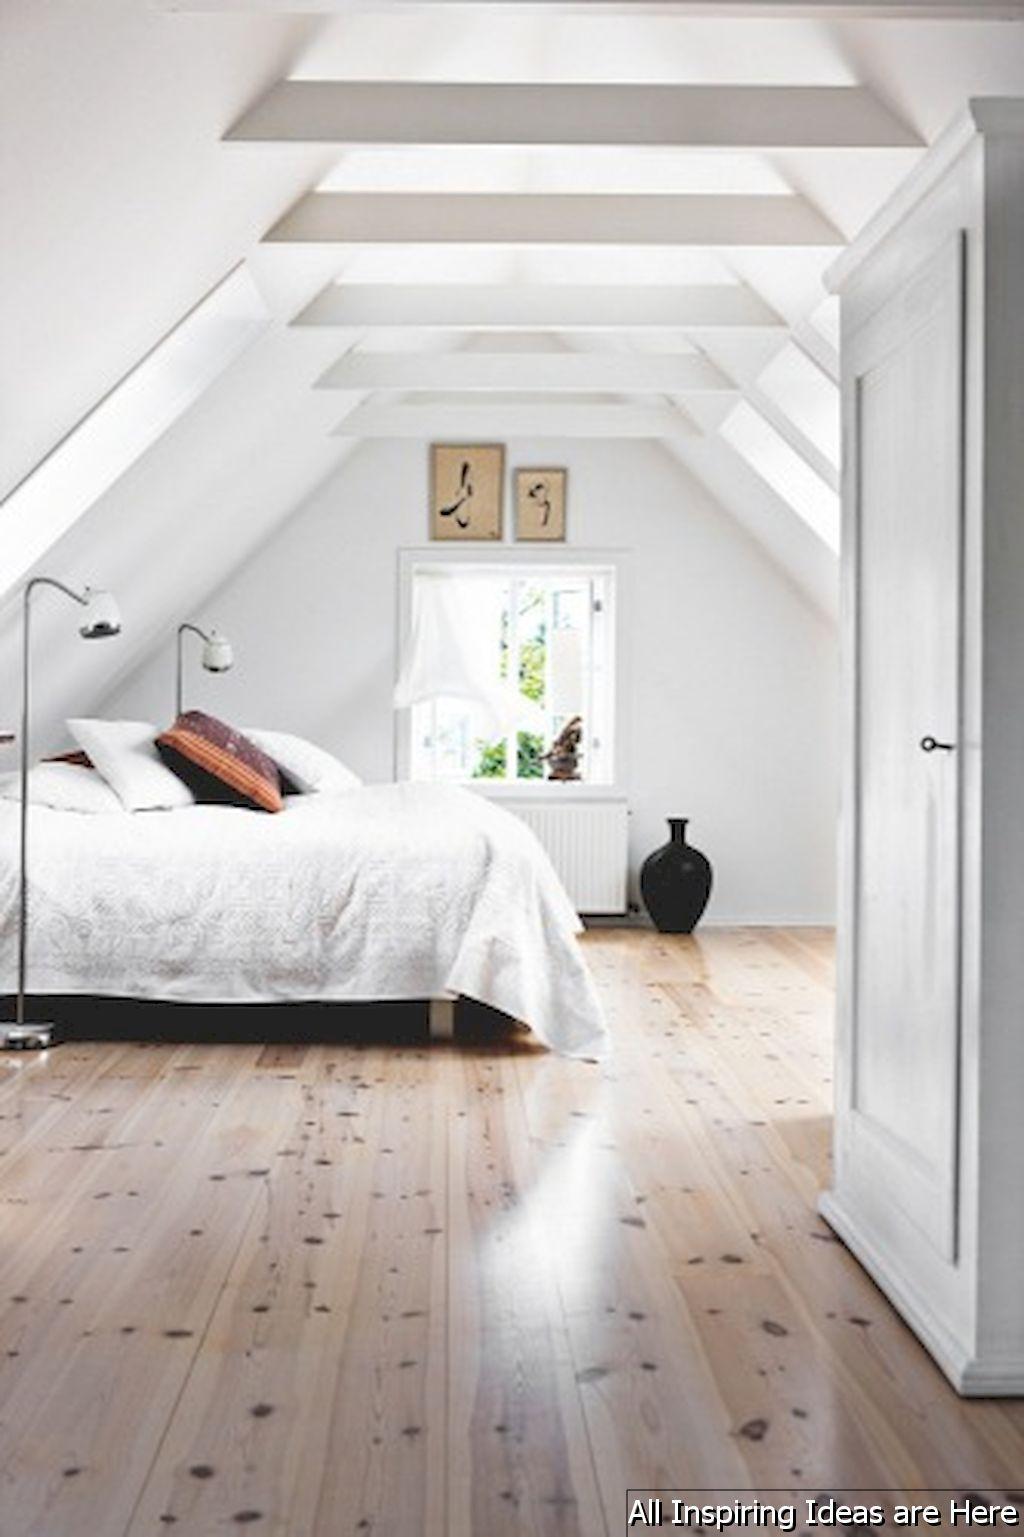 Loft bedroom design ideas   Stunning Loft Bedroom Design Ideas  Loft bedrooms Lofts and